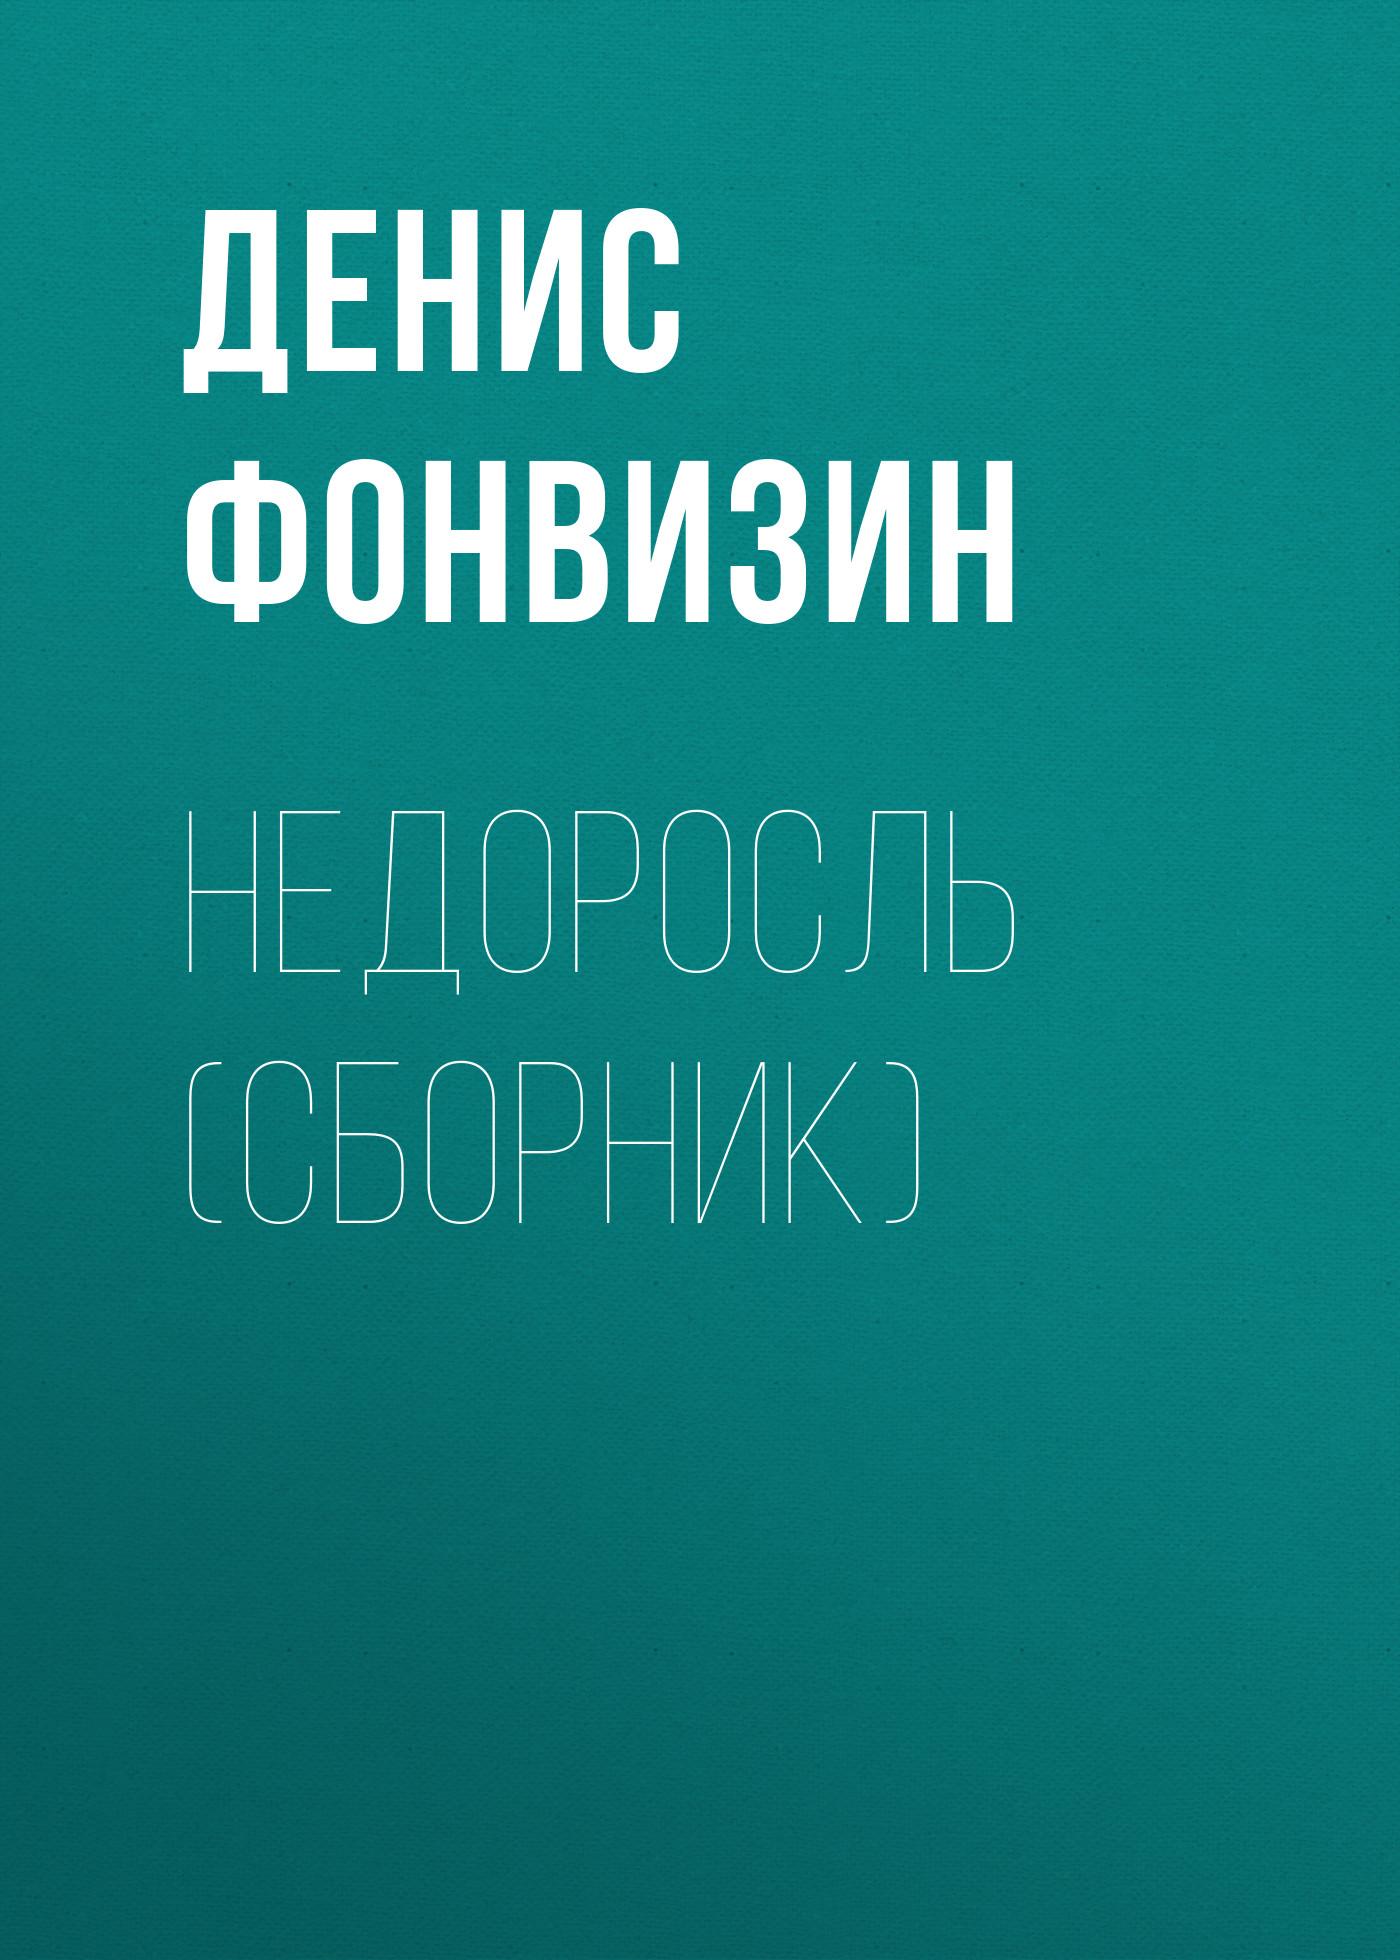 Недоросль (сборник)